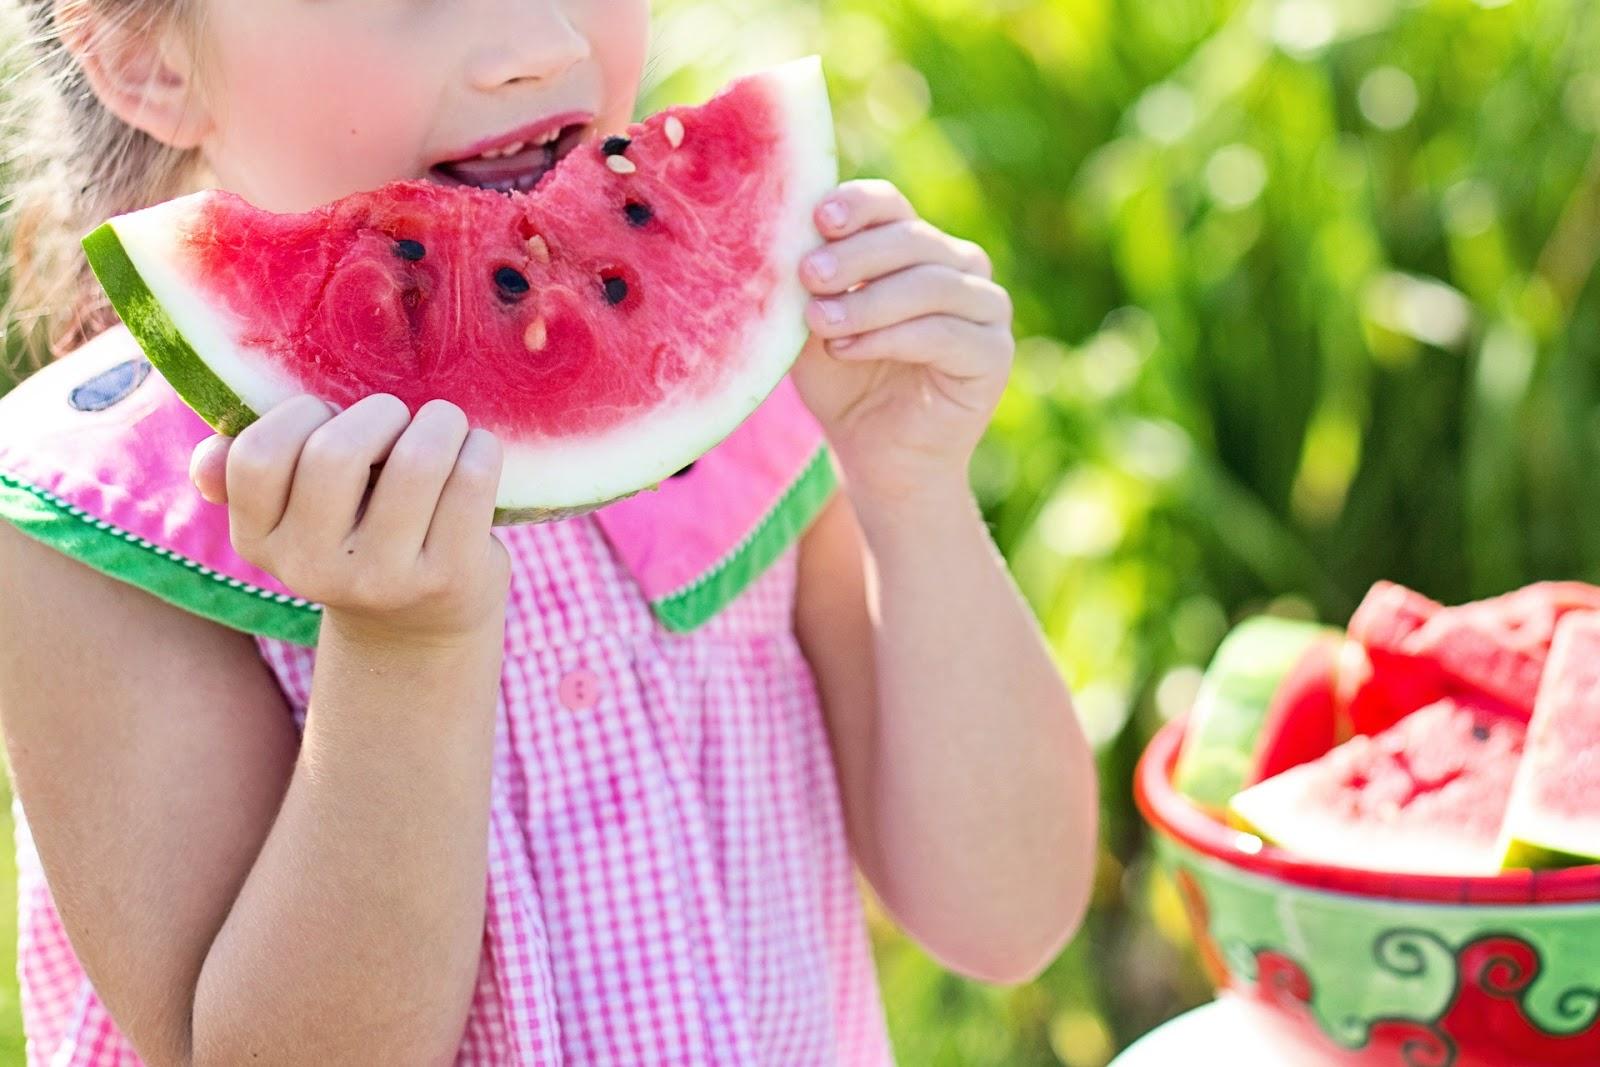 dziecko z arbuzem - prawidłowe nawadnianie dziecka